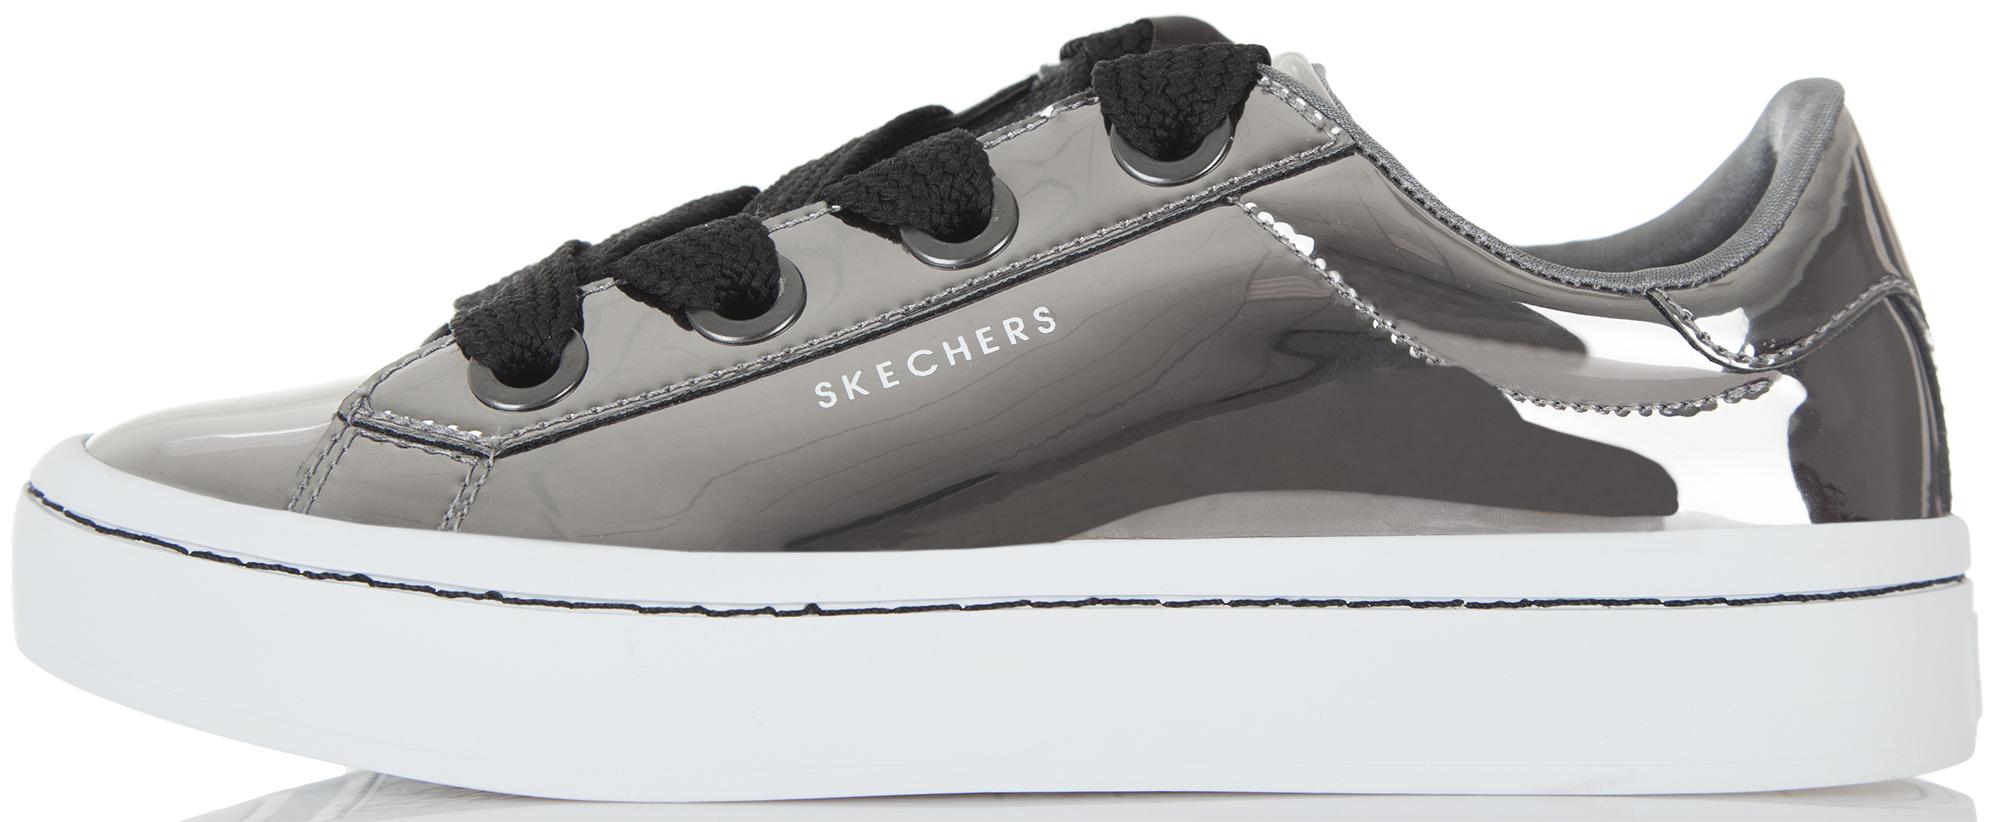 Skechers Кеды женские Skechers Hi-Lite, размер 39 skechers носки женские skechers 3 пары размер 35 39